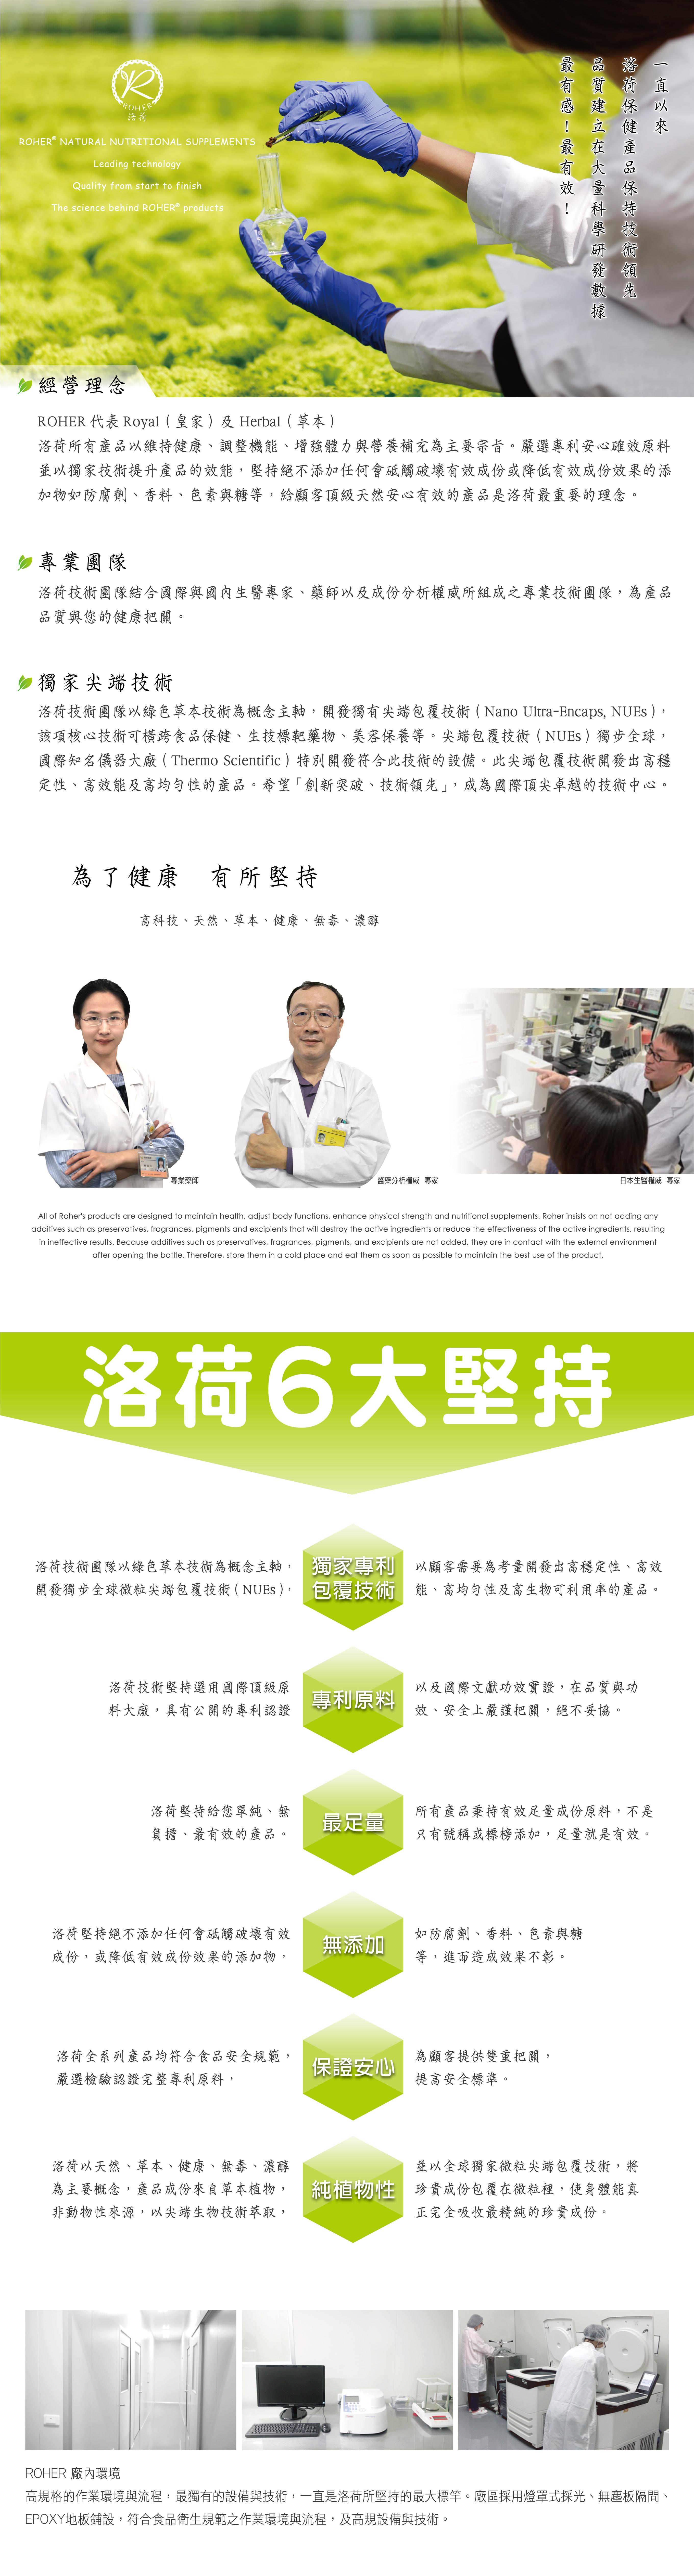 20190225公司理念-W96cm